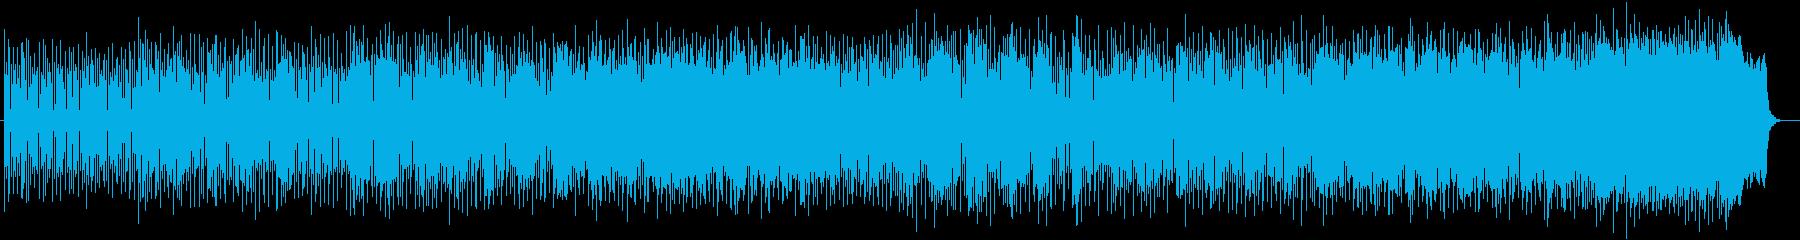 シンセが独特なミュージックの再生済みの波形